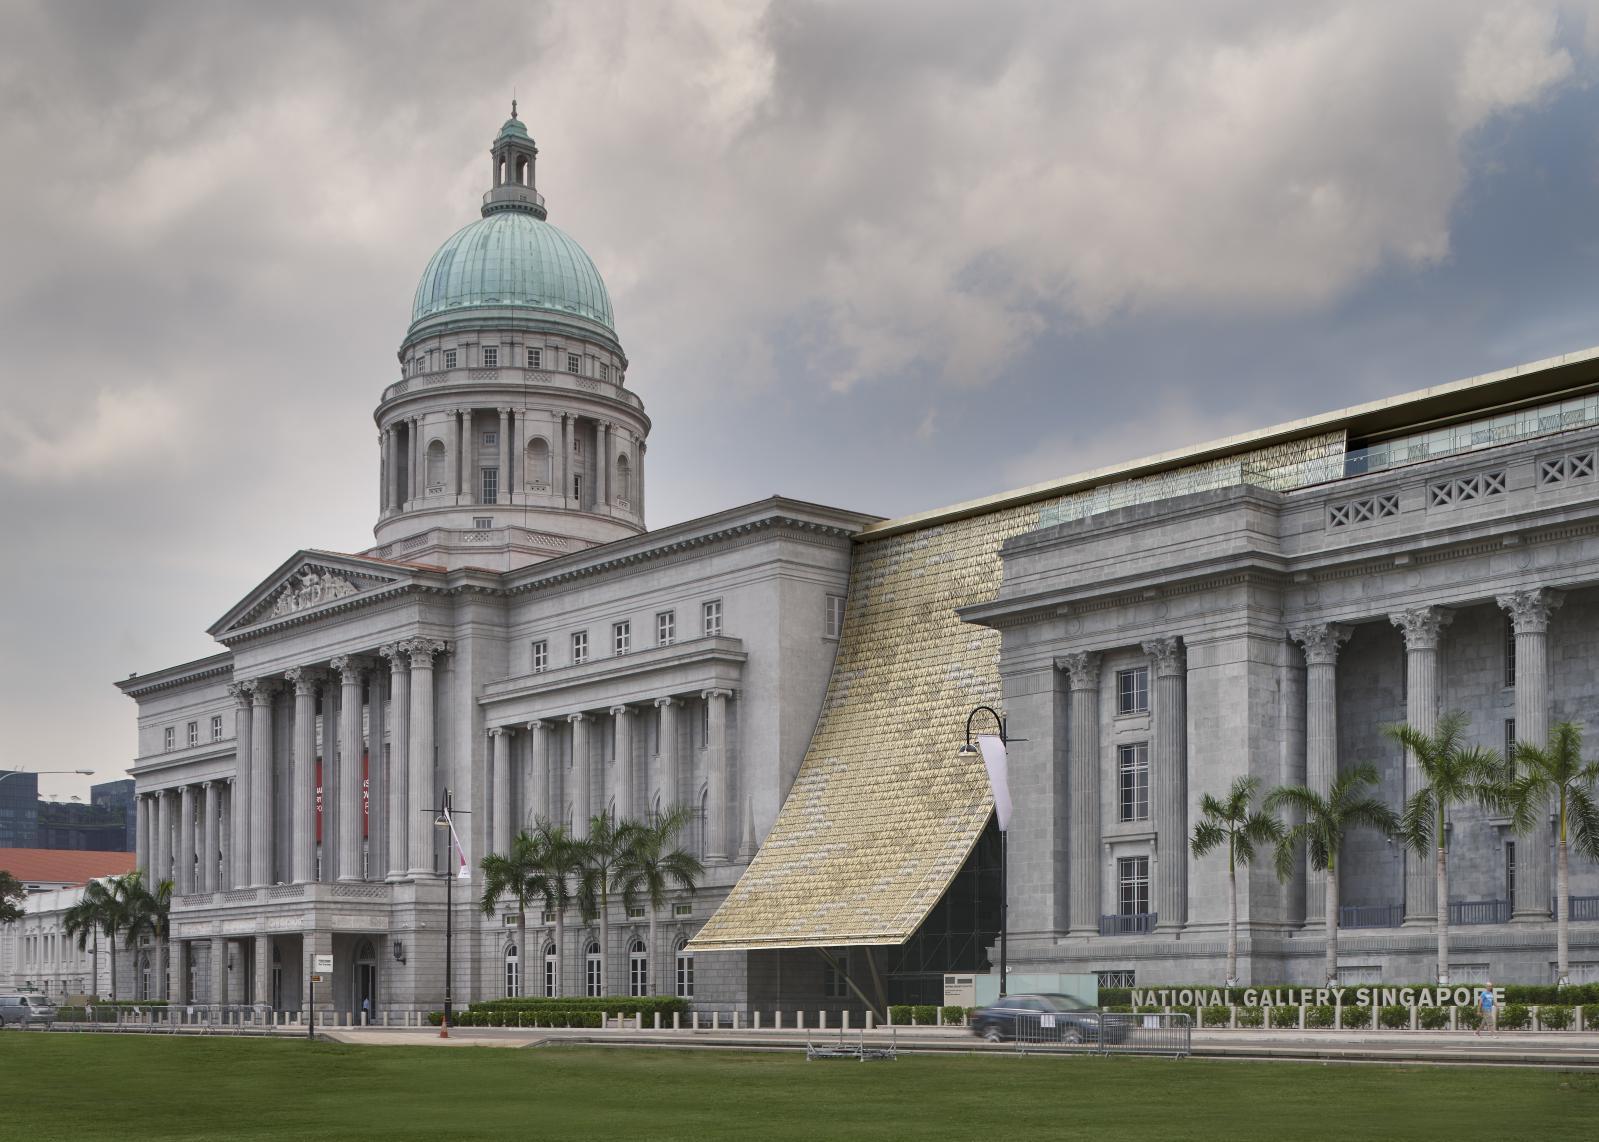 Vue de la façade de la National Gallery Singapore avec le voile qui marque l'entrée principale.